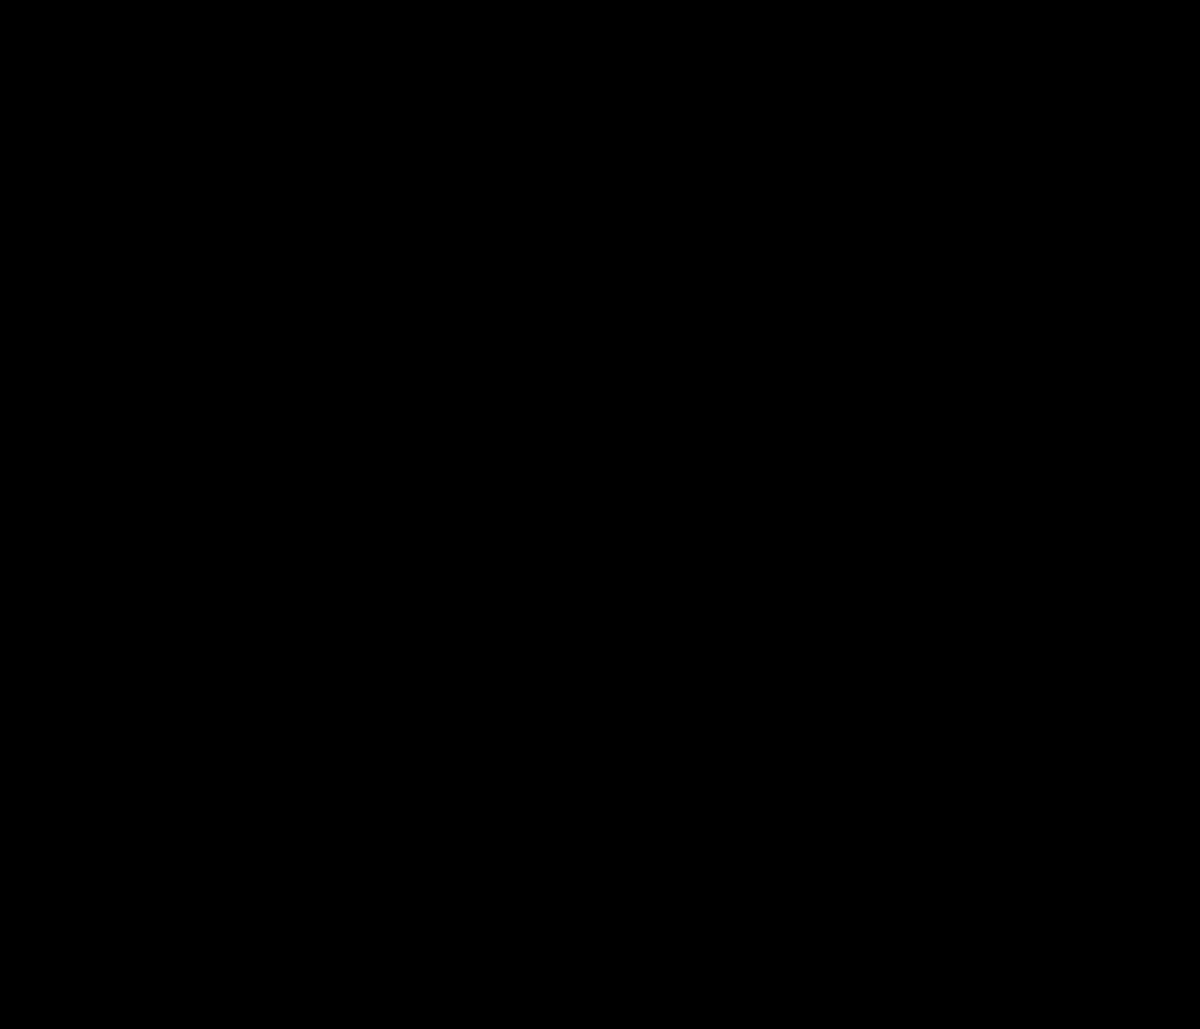 carbazotic acid